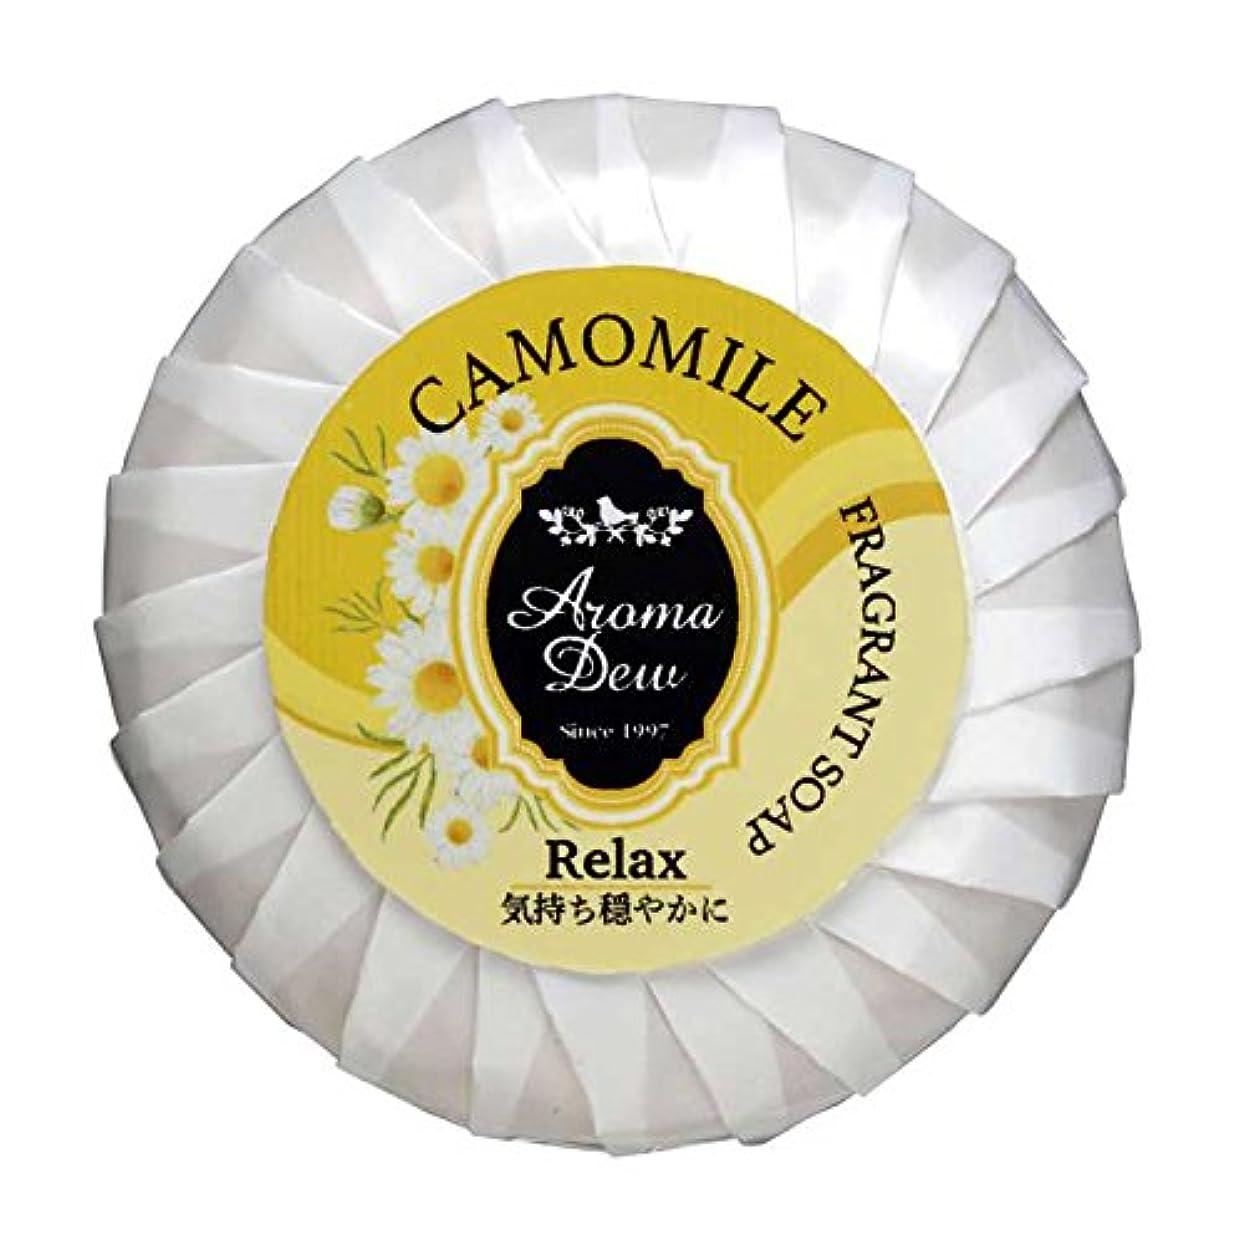 試みハンカチ錫アロマデュウ フレグラントソープ カモミールの香り 100g